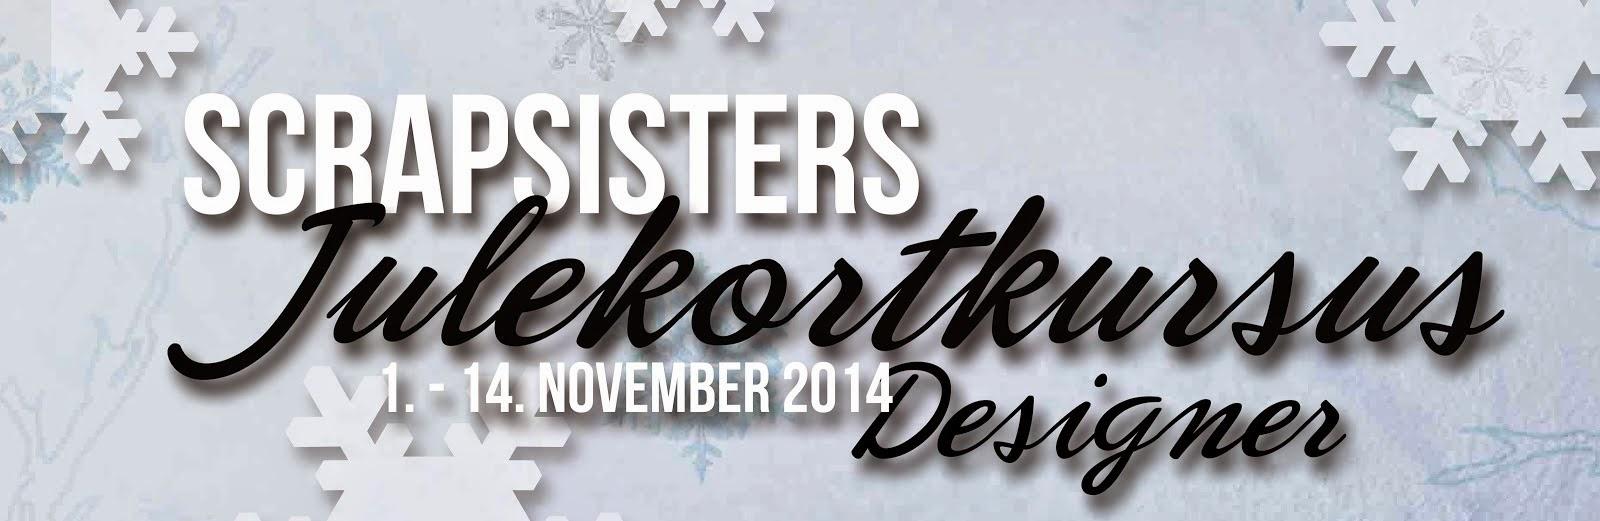 Jeg er designer på SS's julekortkursus